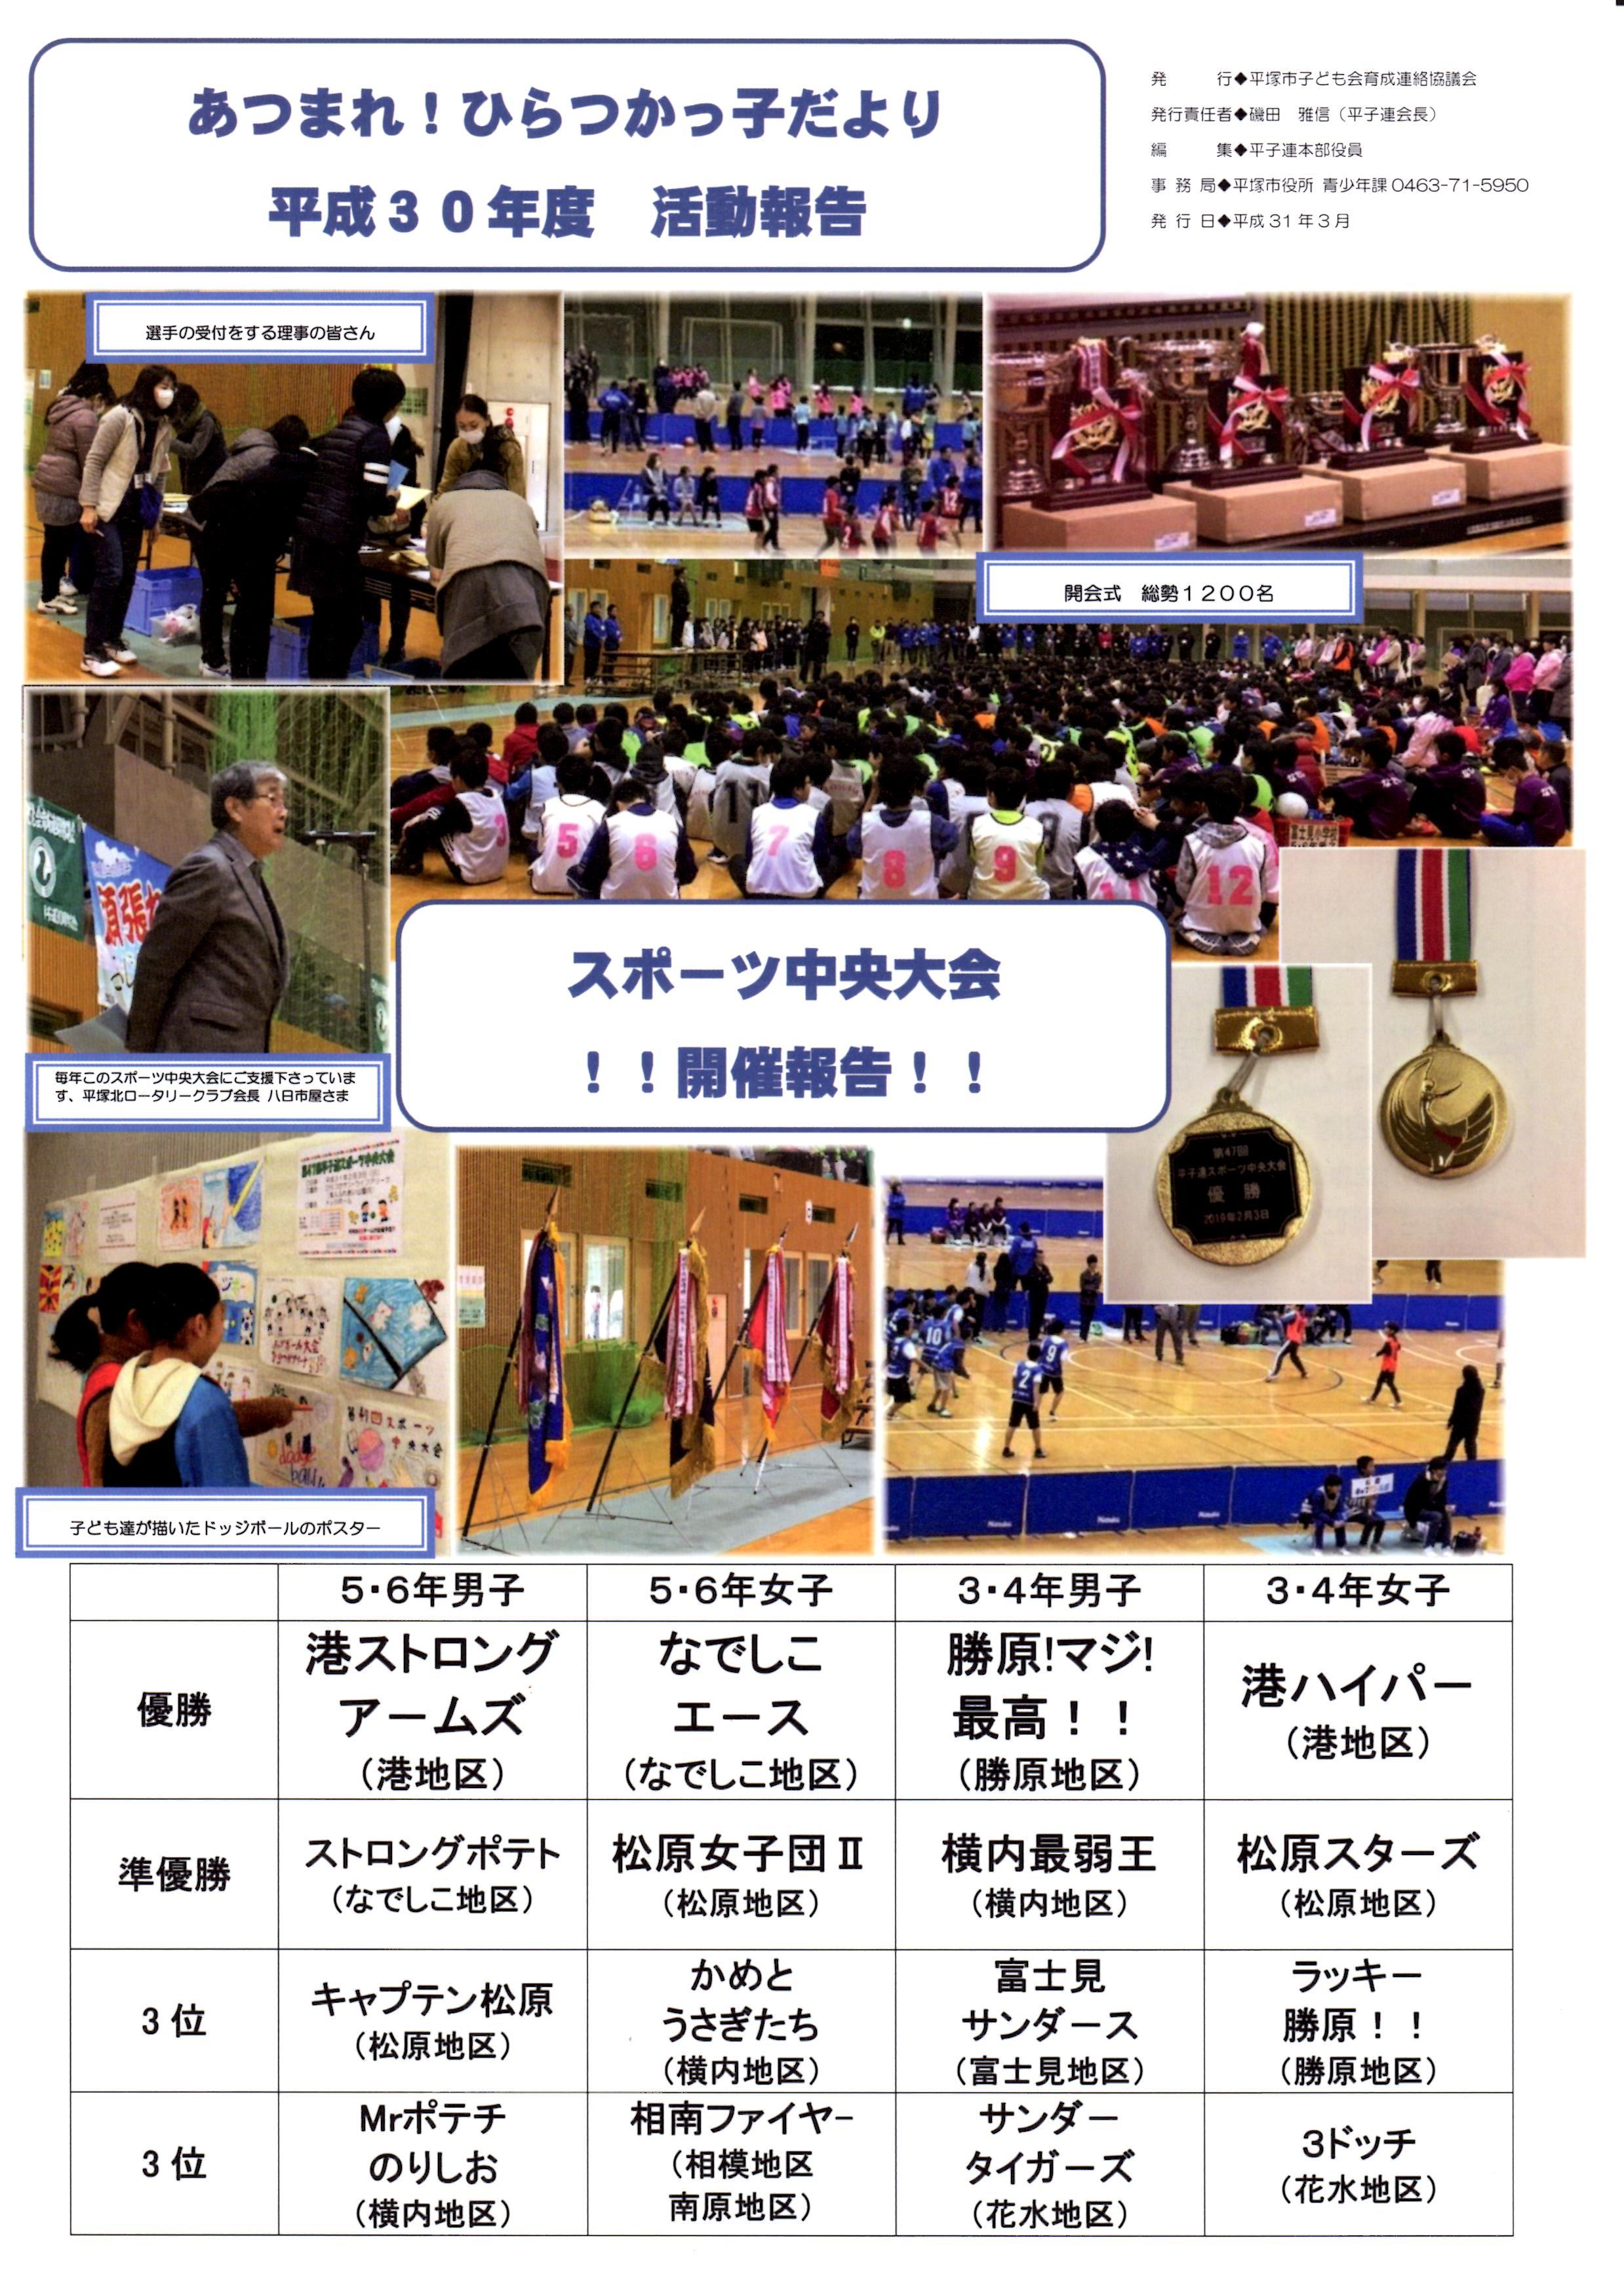 平塚市子連広報紙